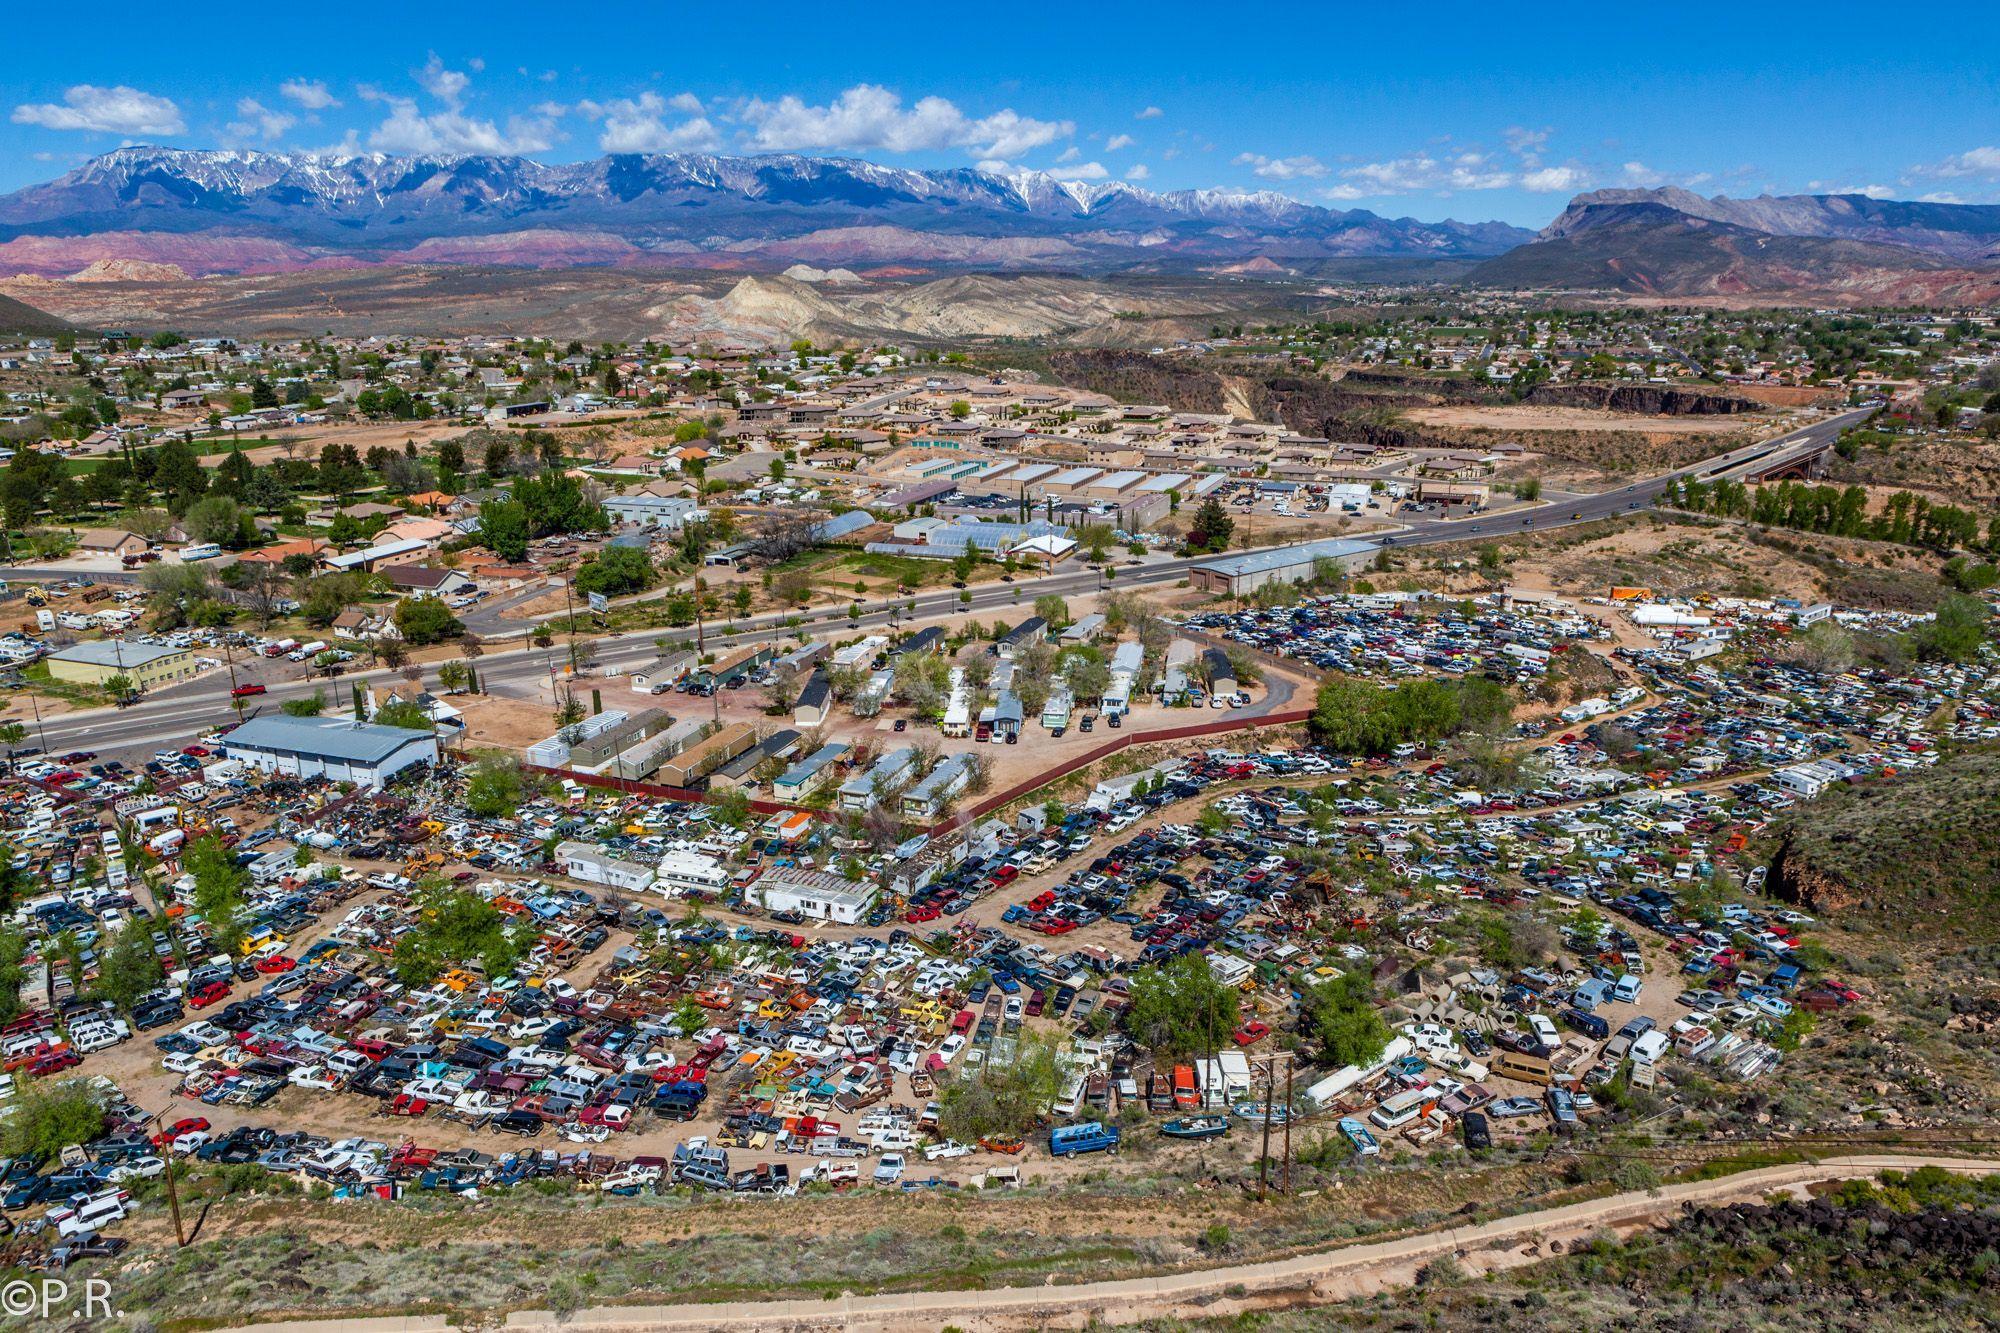 Photo of the Week: Hurricane Junk Yard